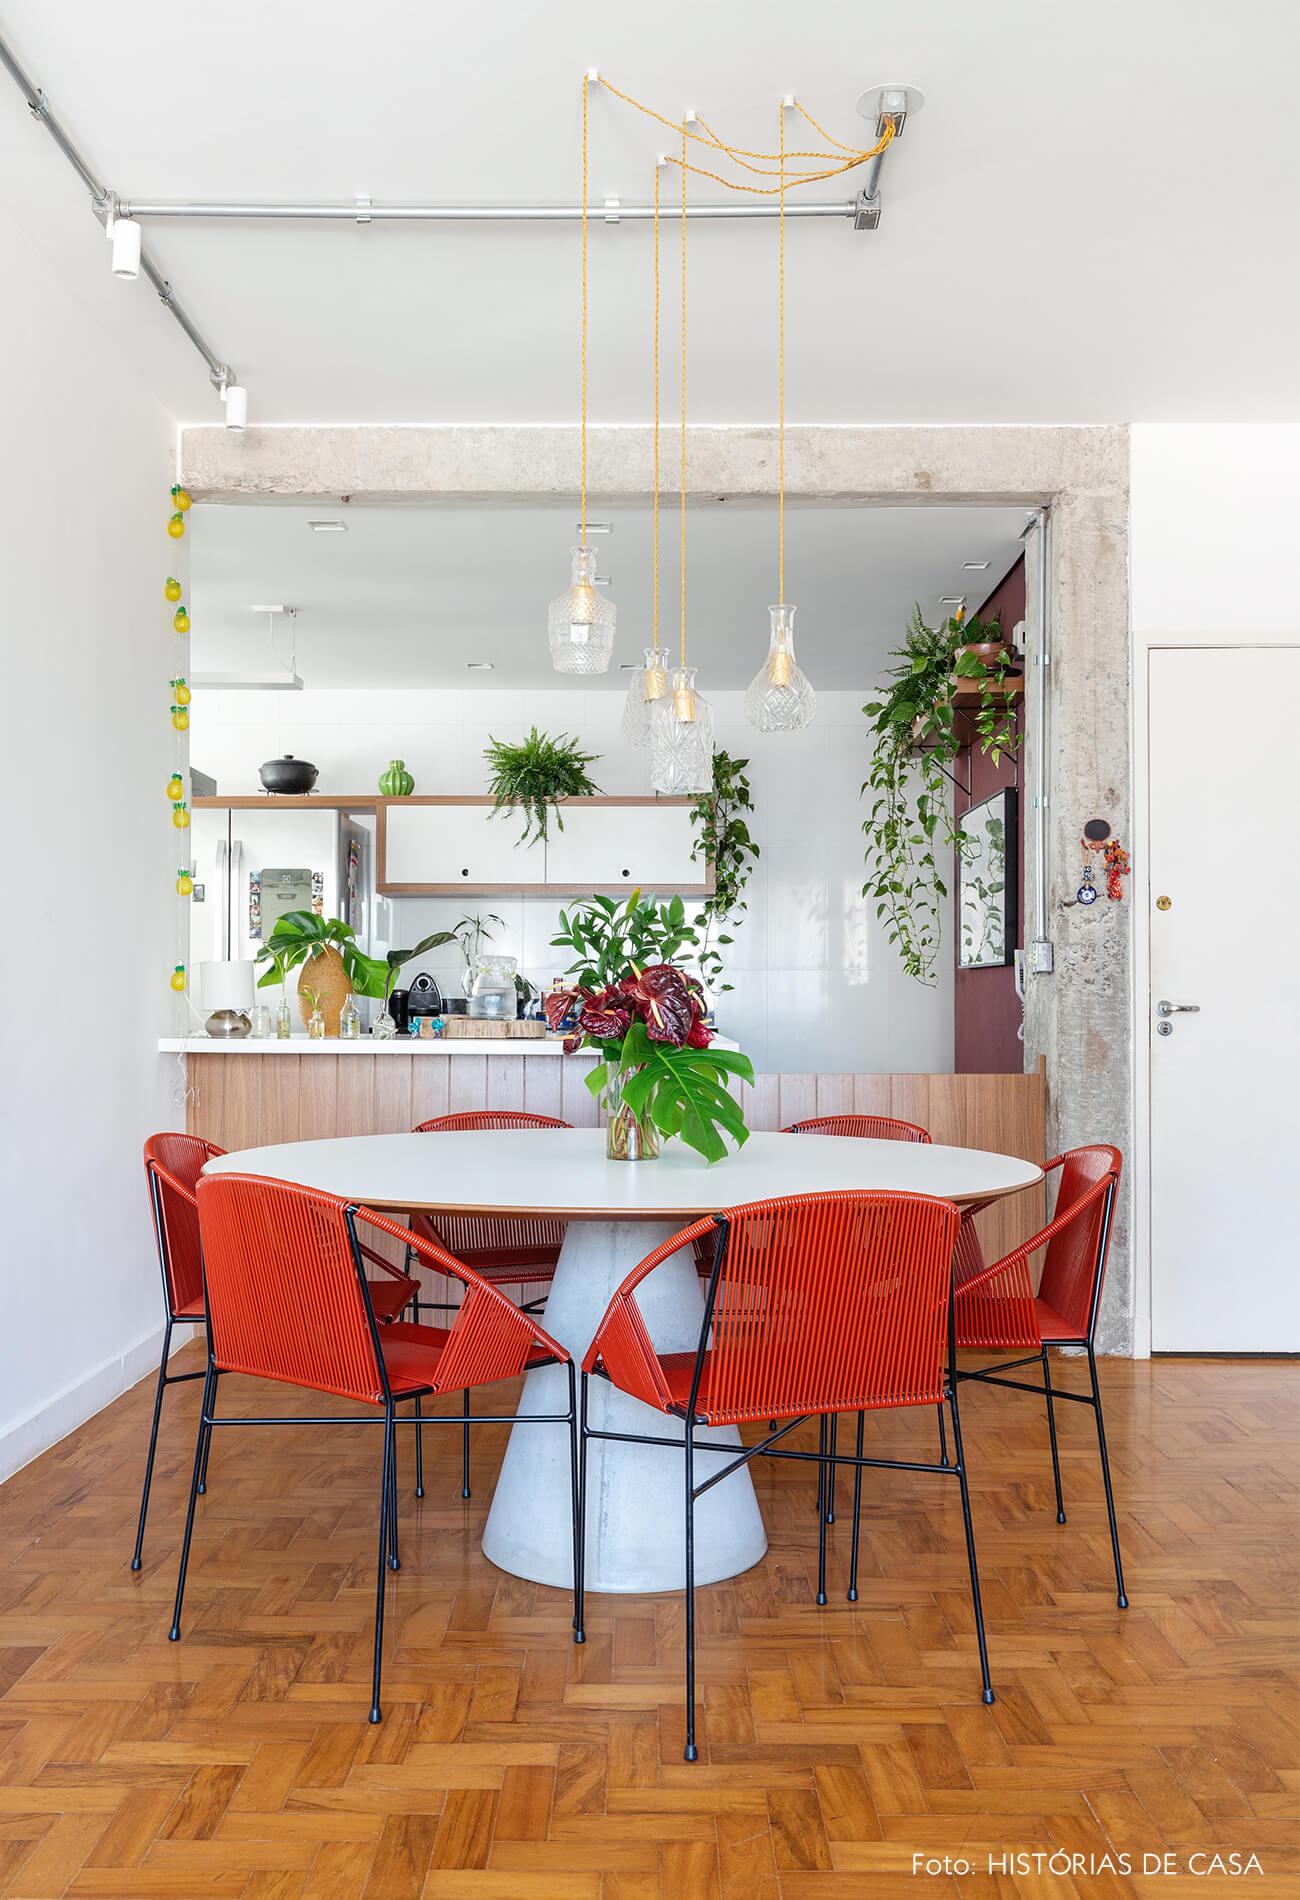 Sala jantar chão madeira e cadeiras vermelhas